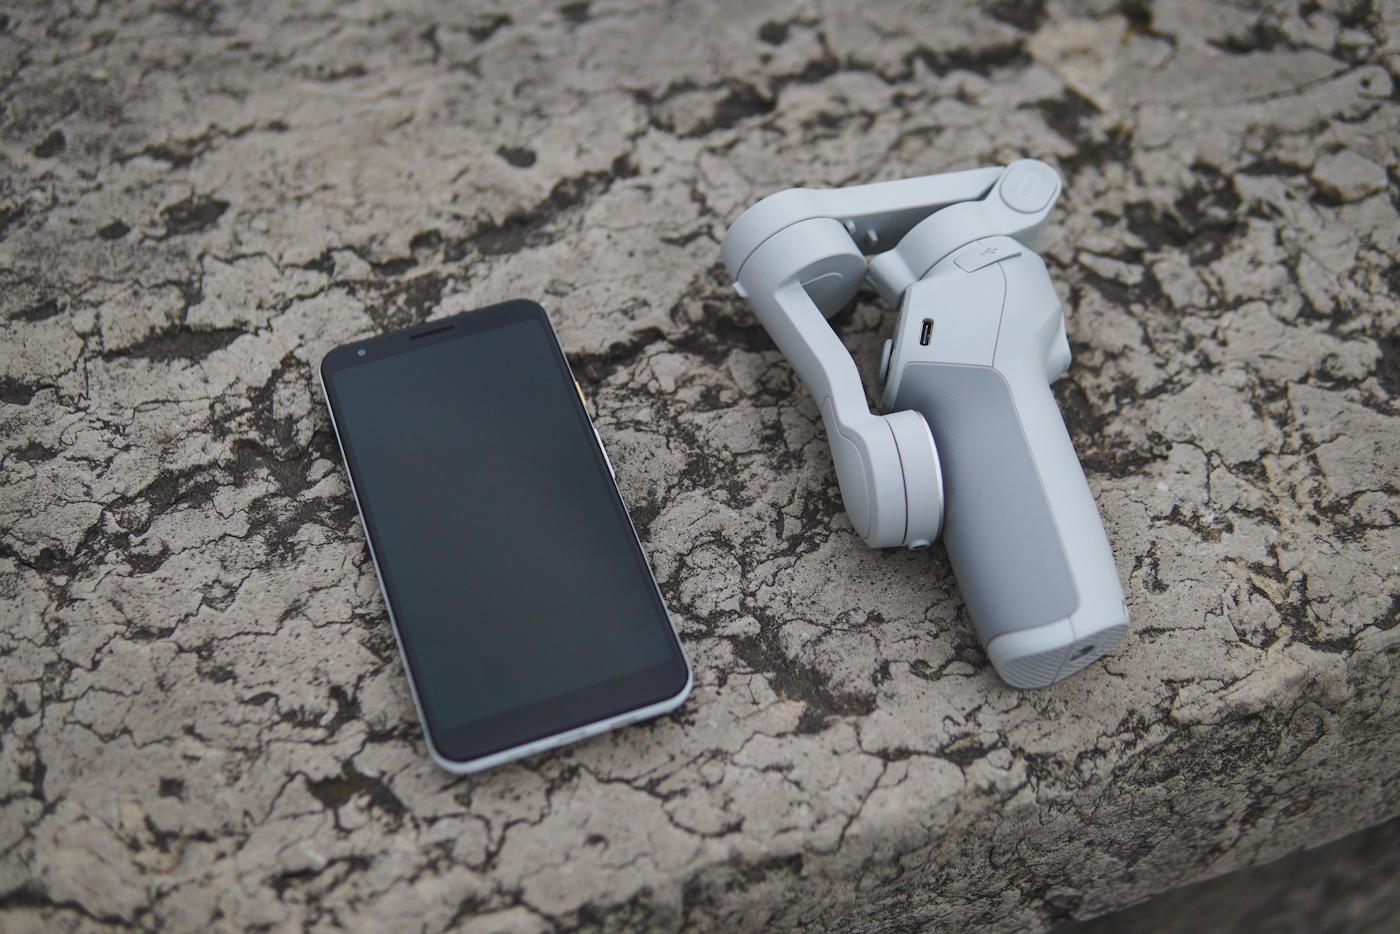 DJI Osmo Mobile 4 test